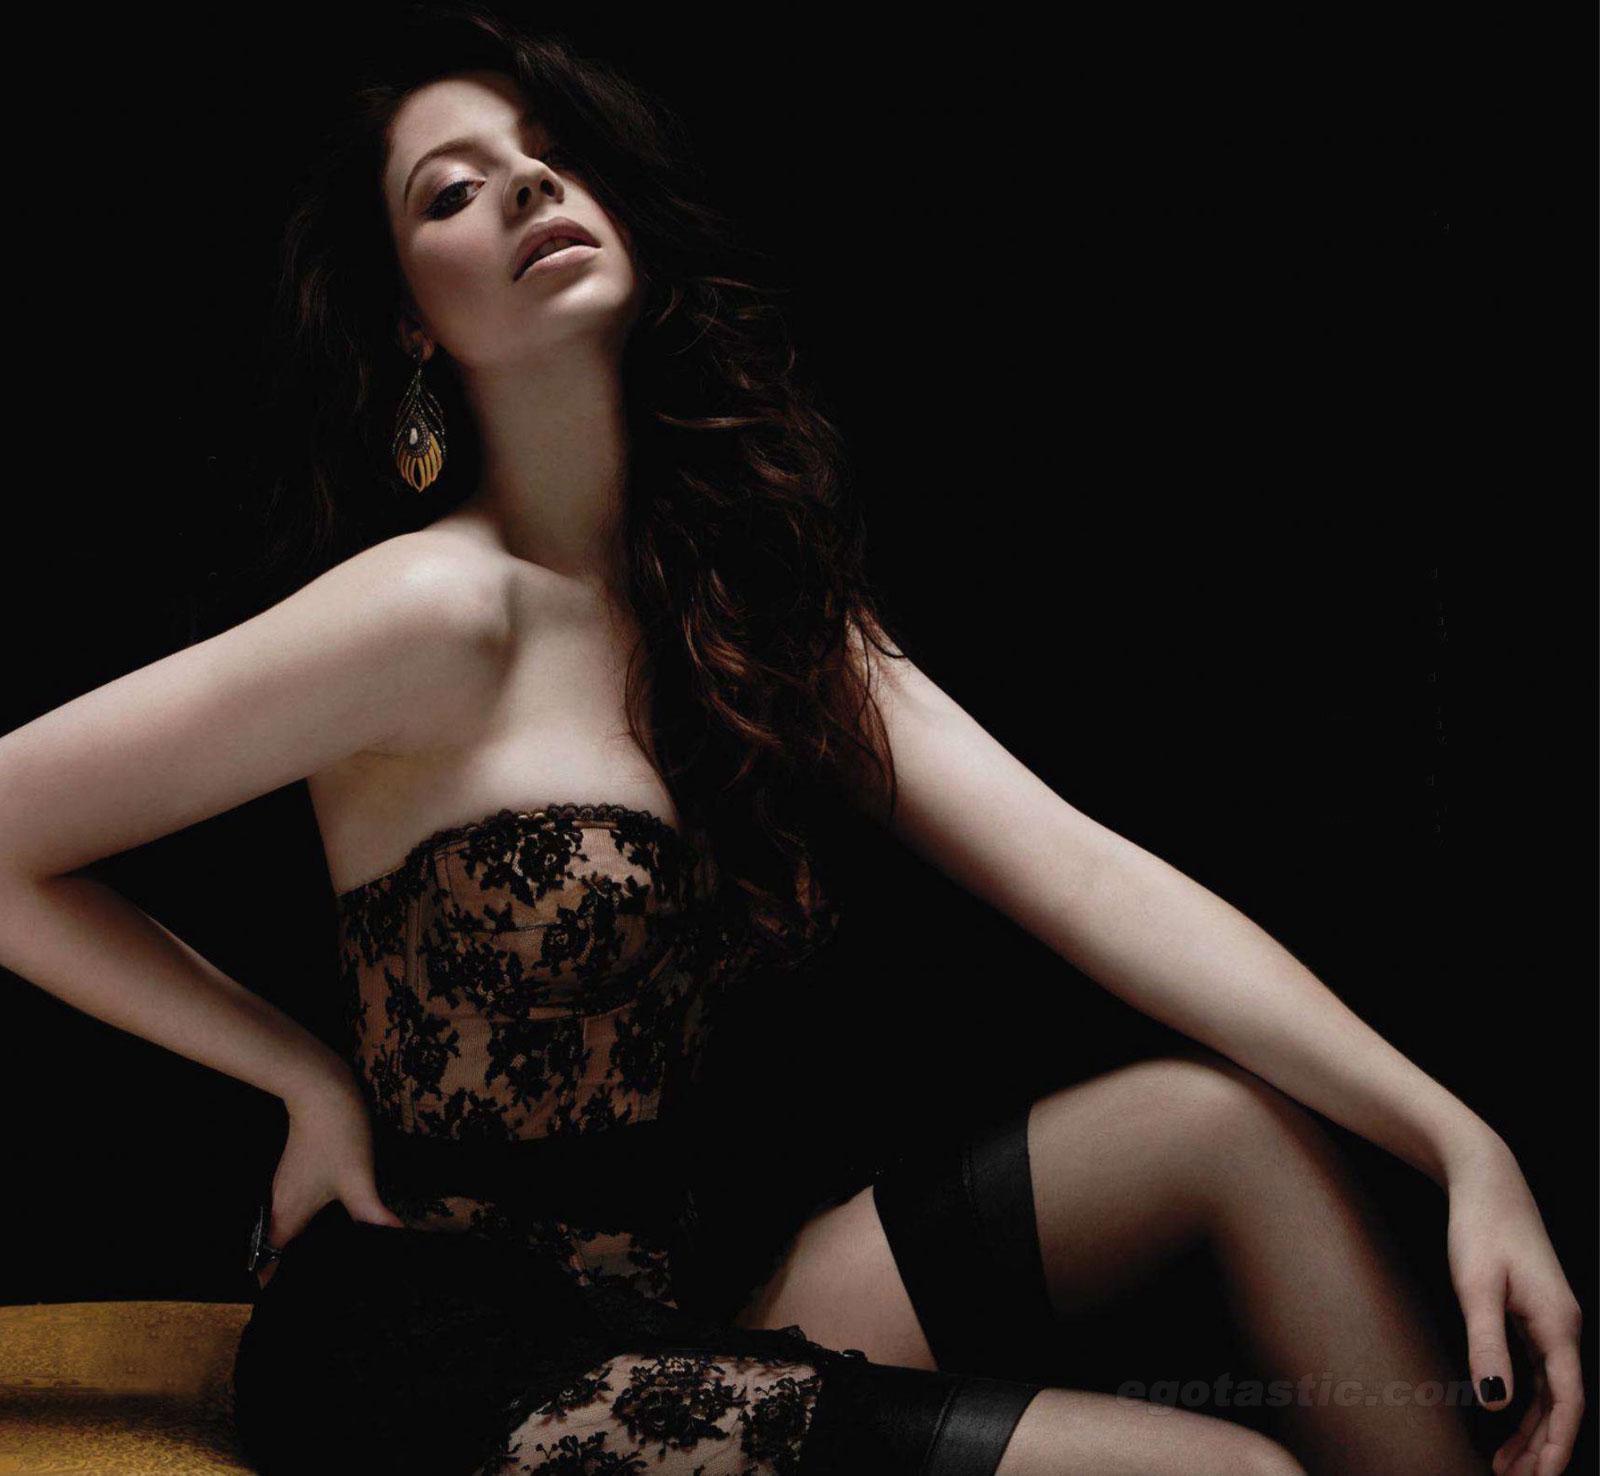 Archive porn hot women images